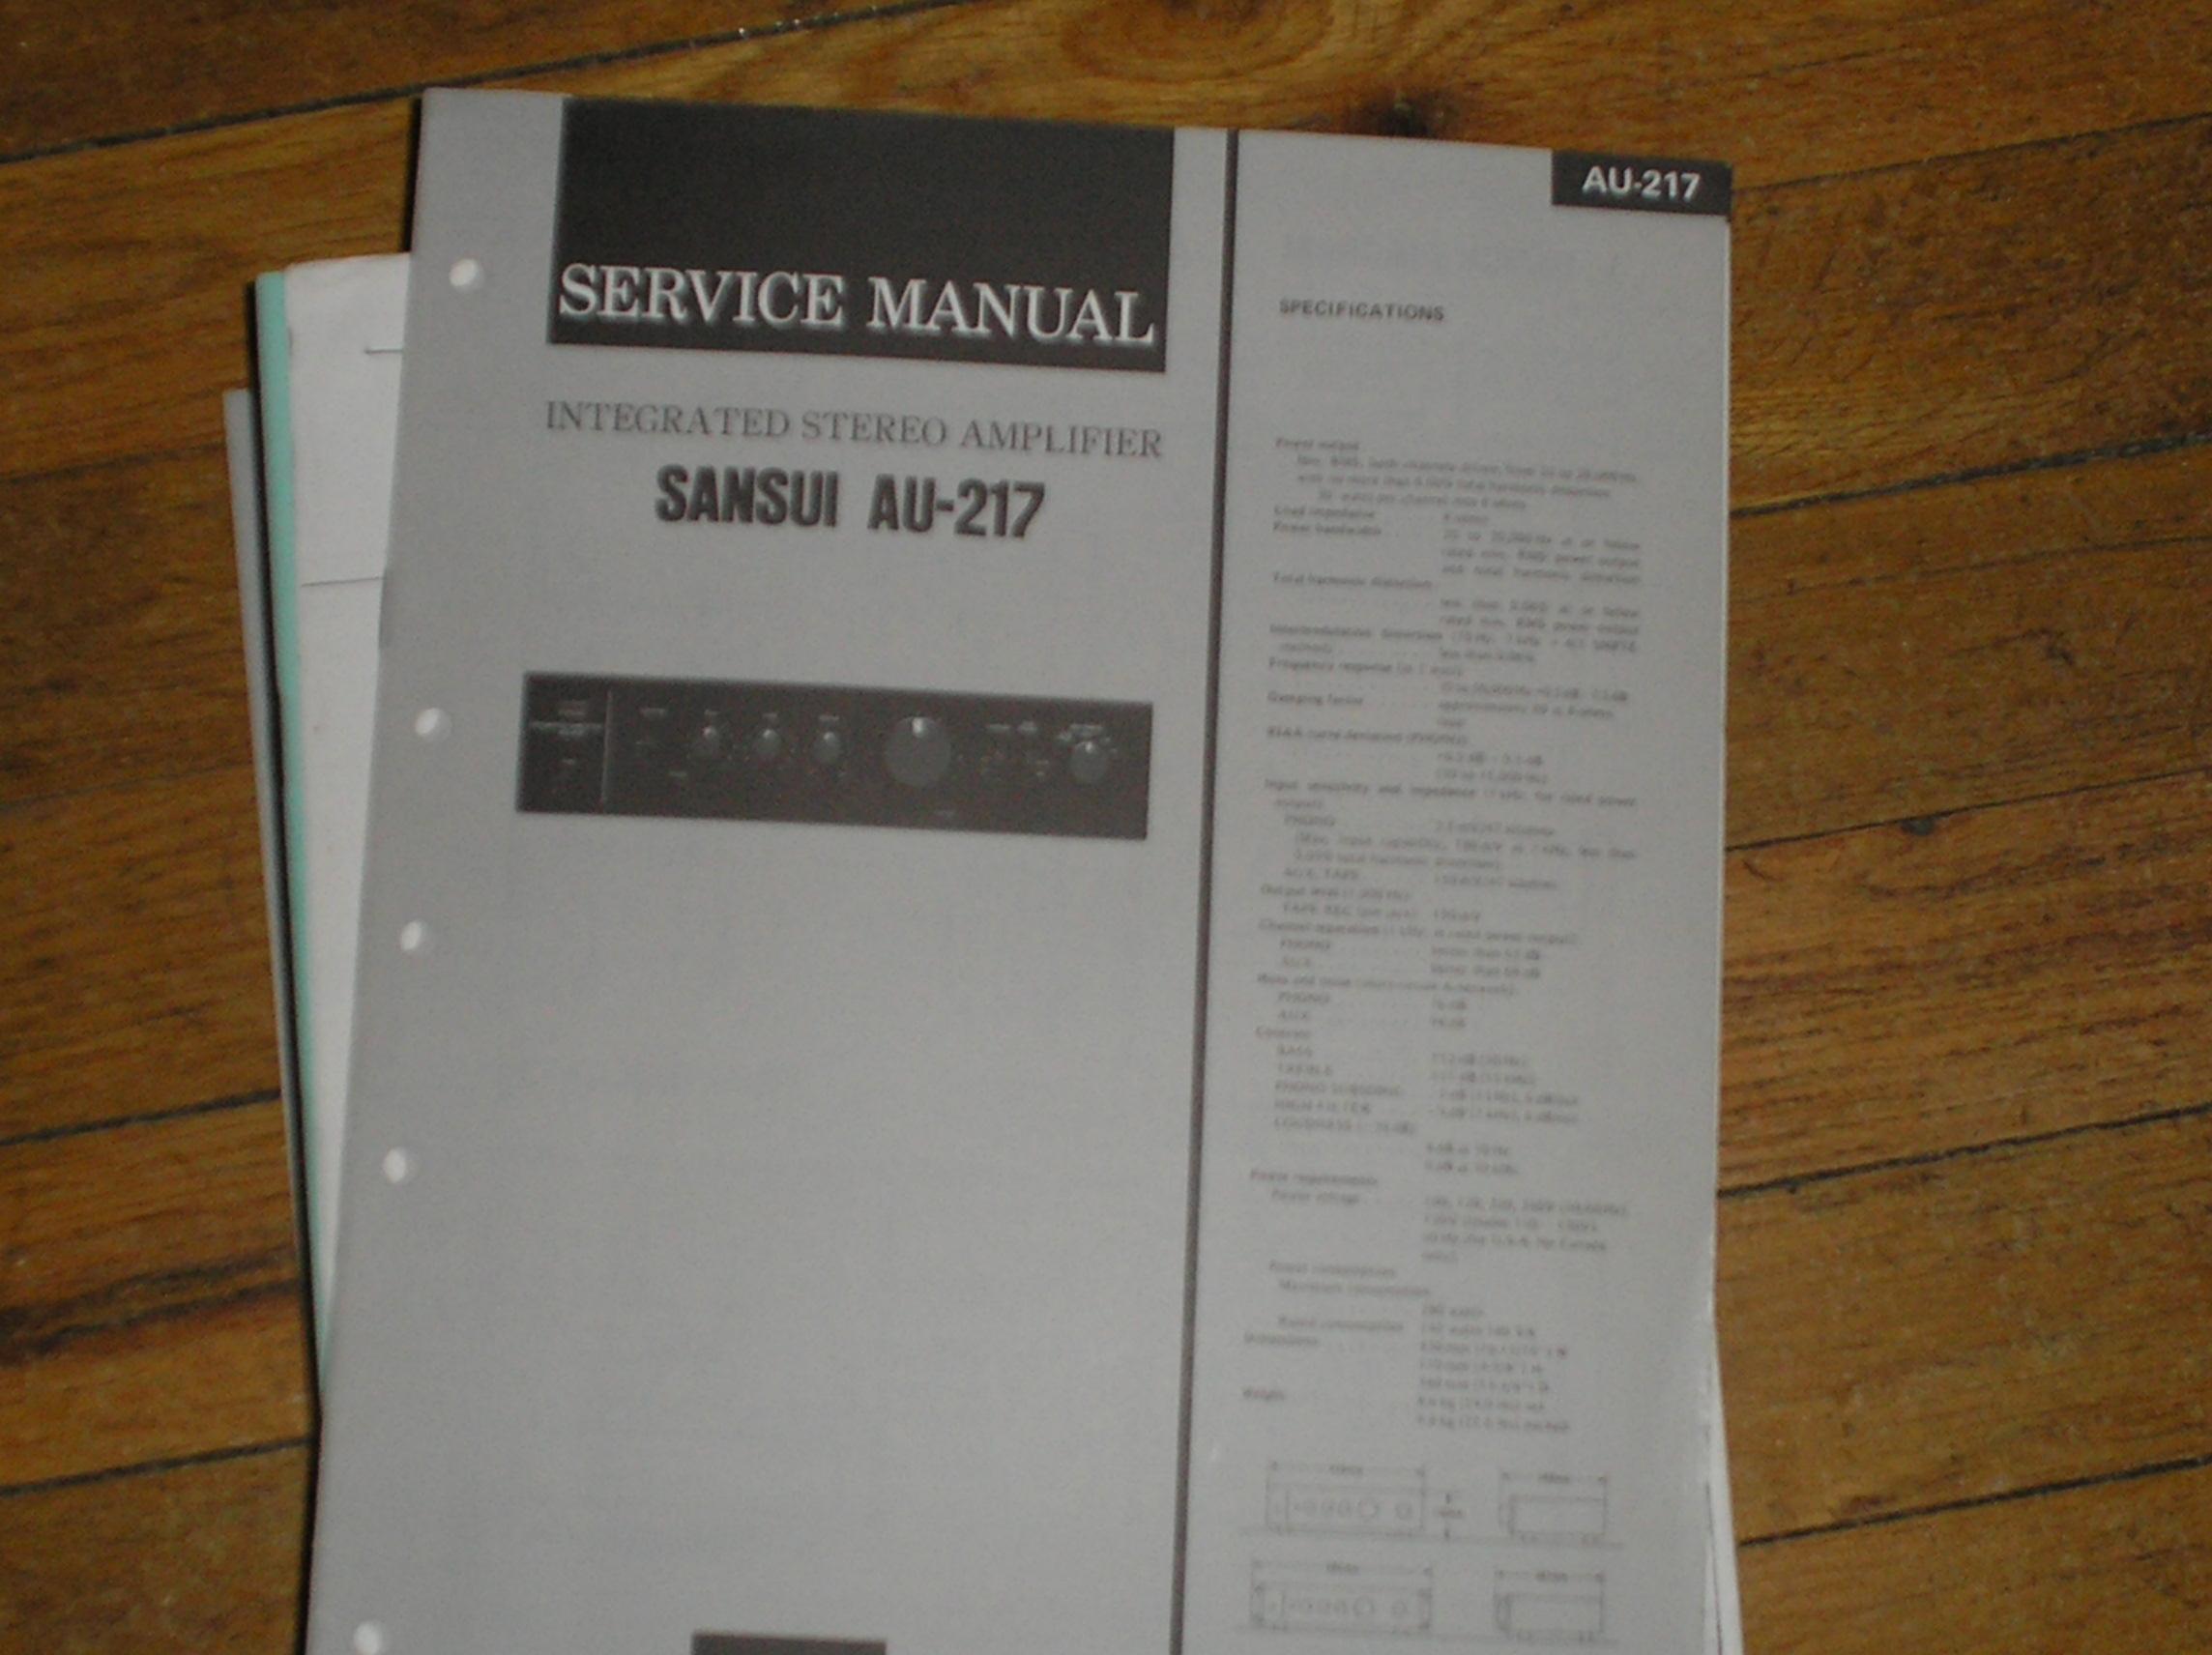 AU-217 Amplifier Service Manual